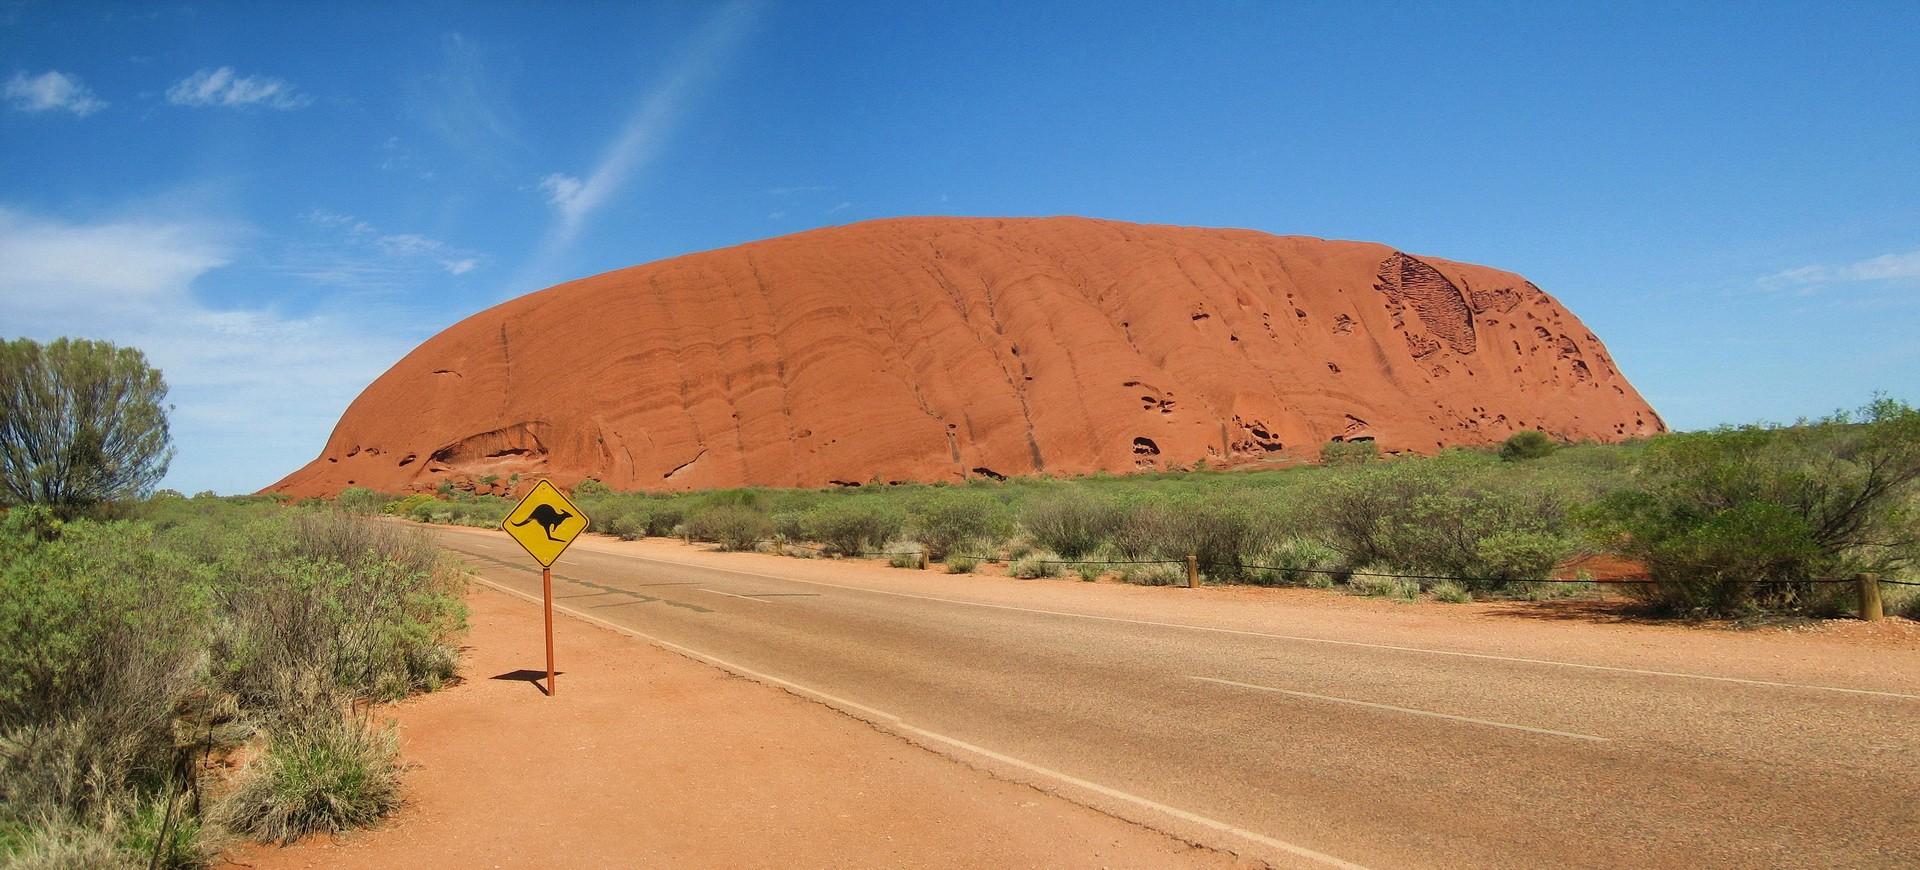 Rocher Uluru à Ayers Rock en Australie